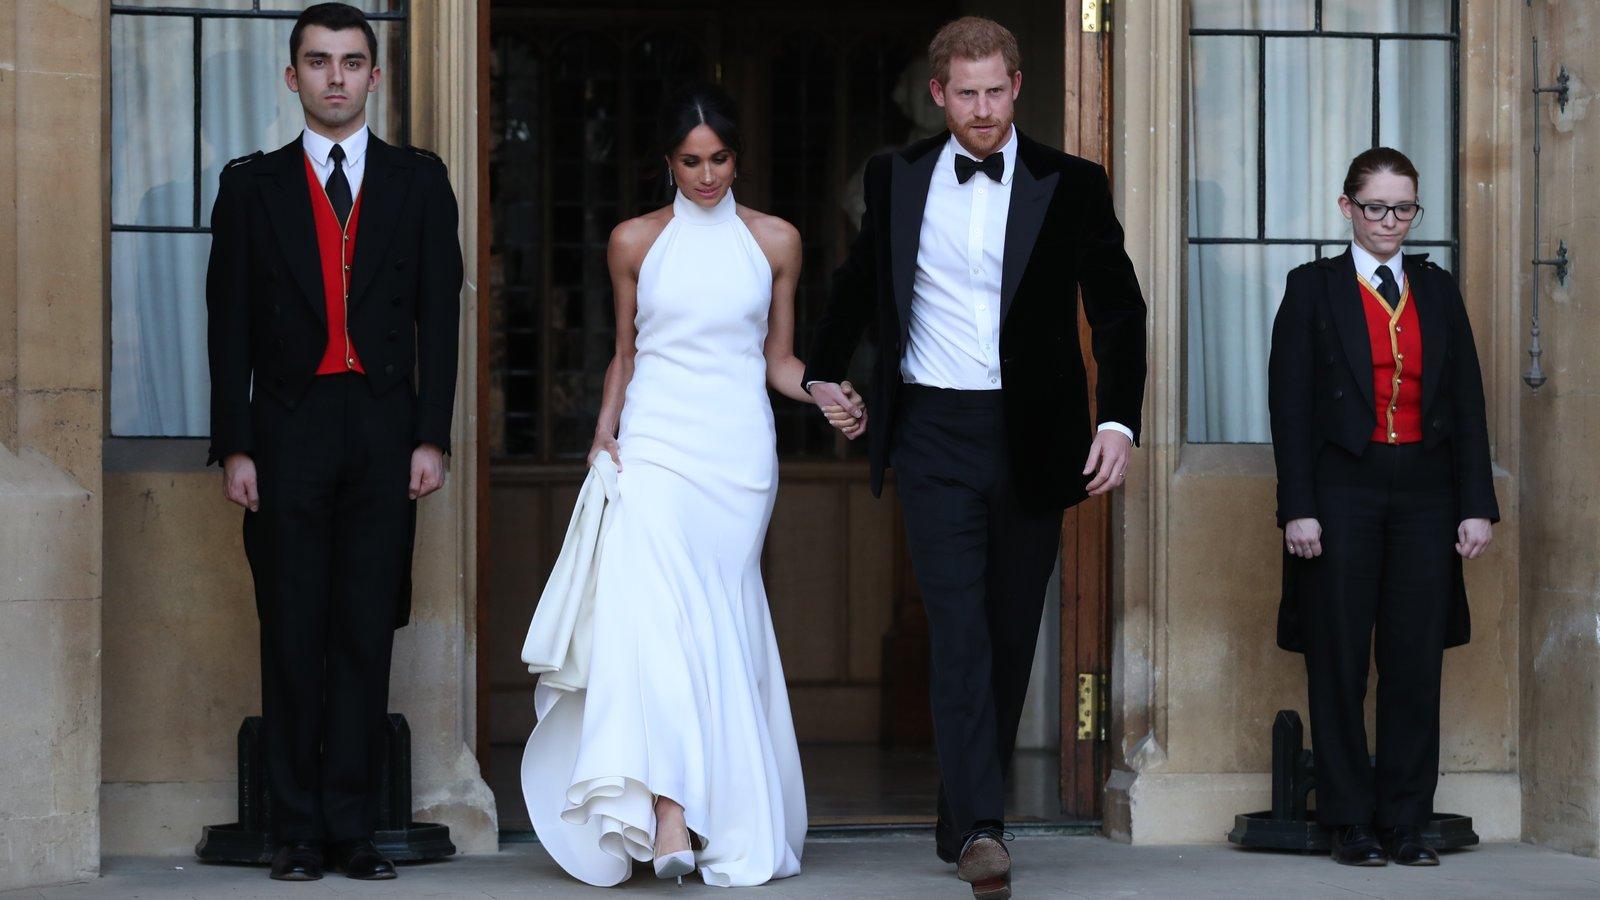 Royal-Wedding-Slideshow-slide-SZ42-videoSixteenByNineJumbo1600.jpg